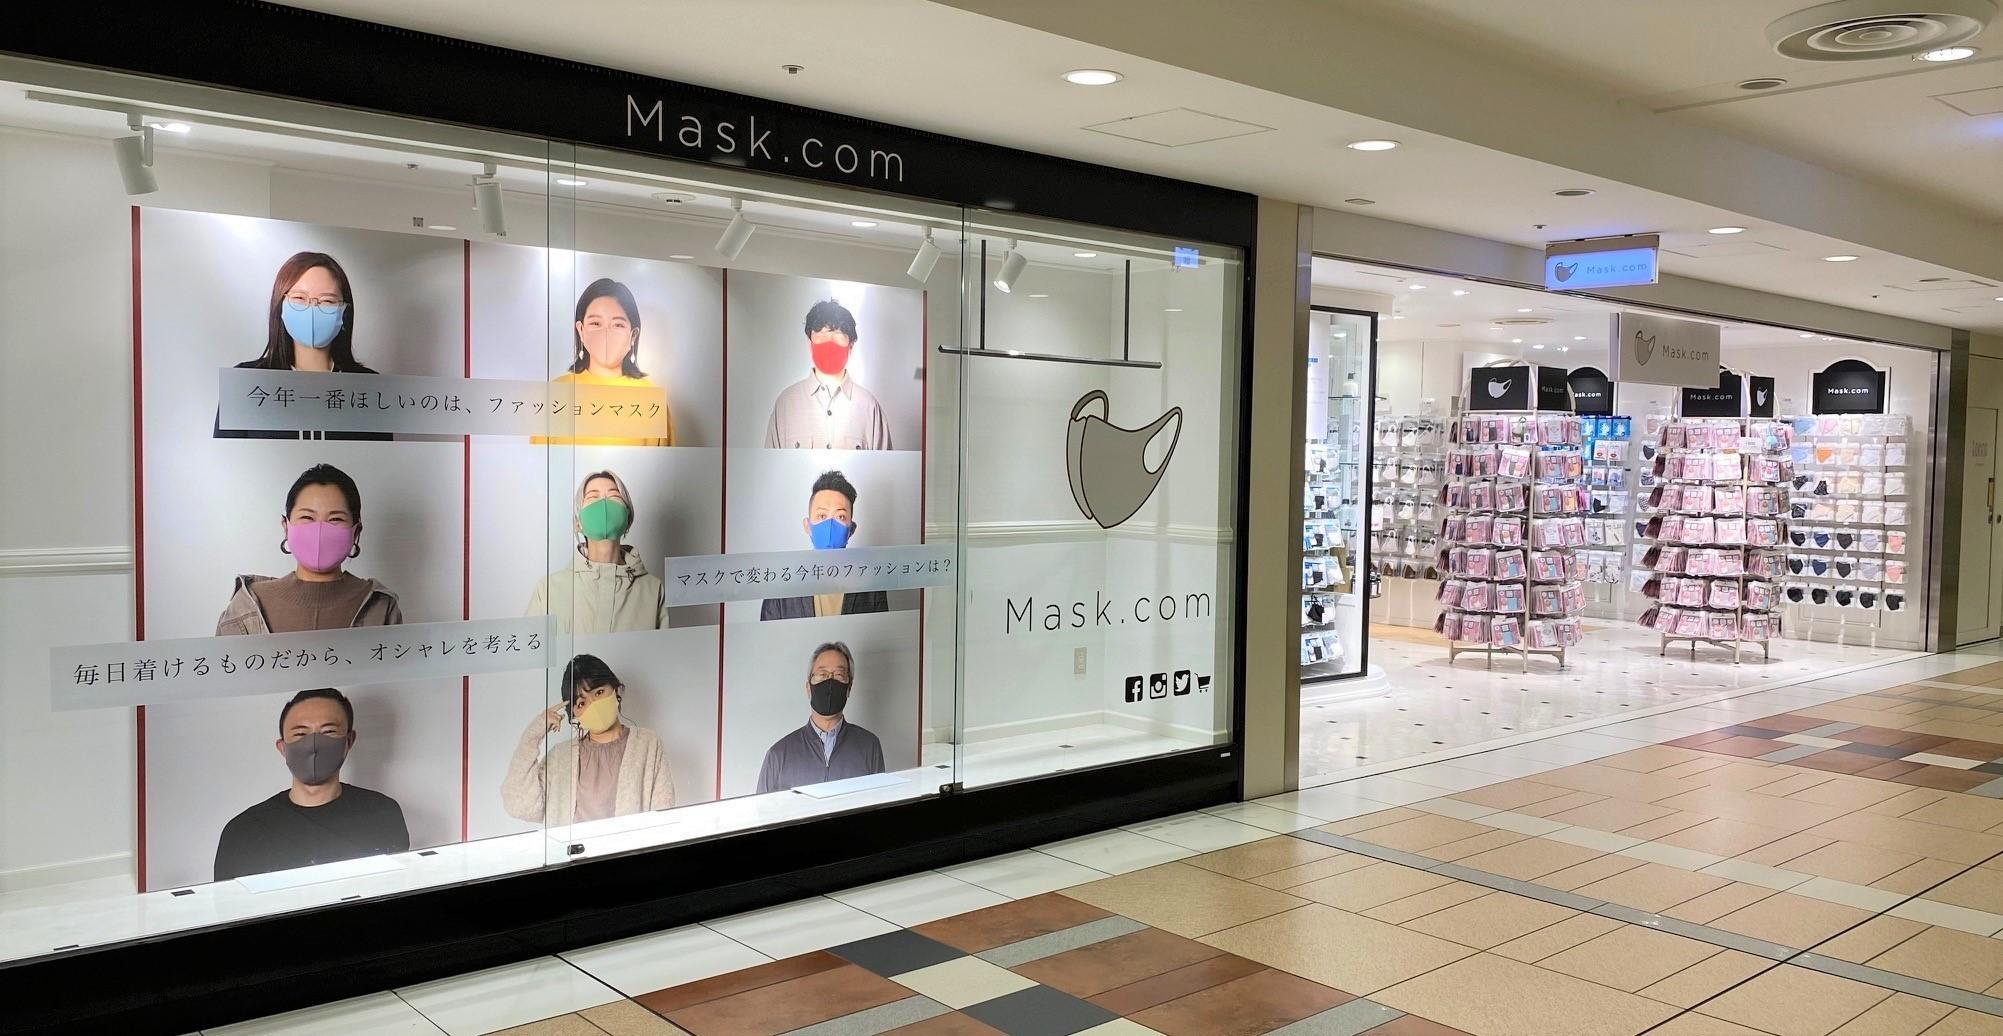 200種類以上そろうフェイスマスク専門店が東京駅にオープン